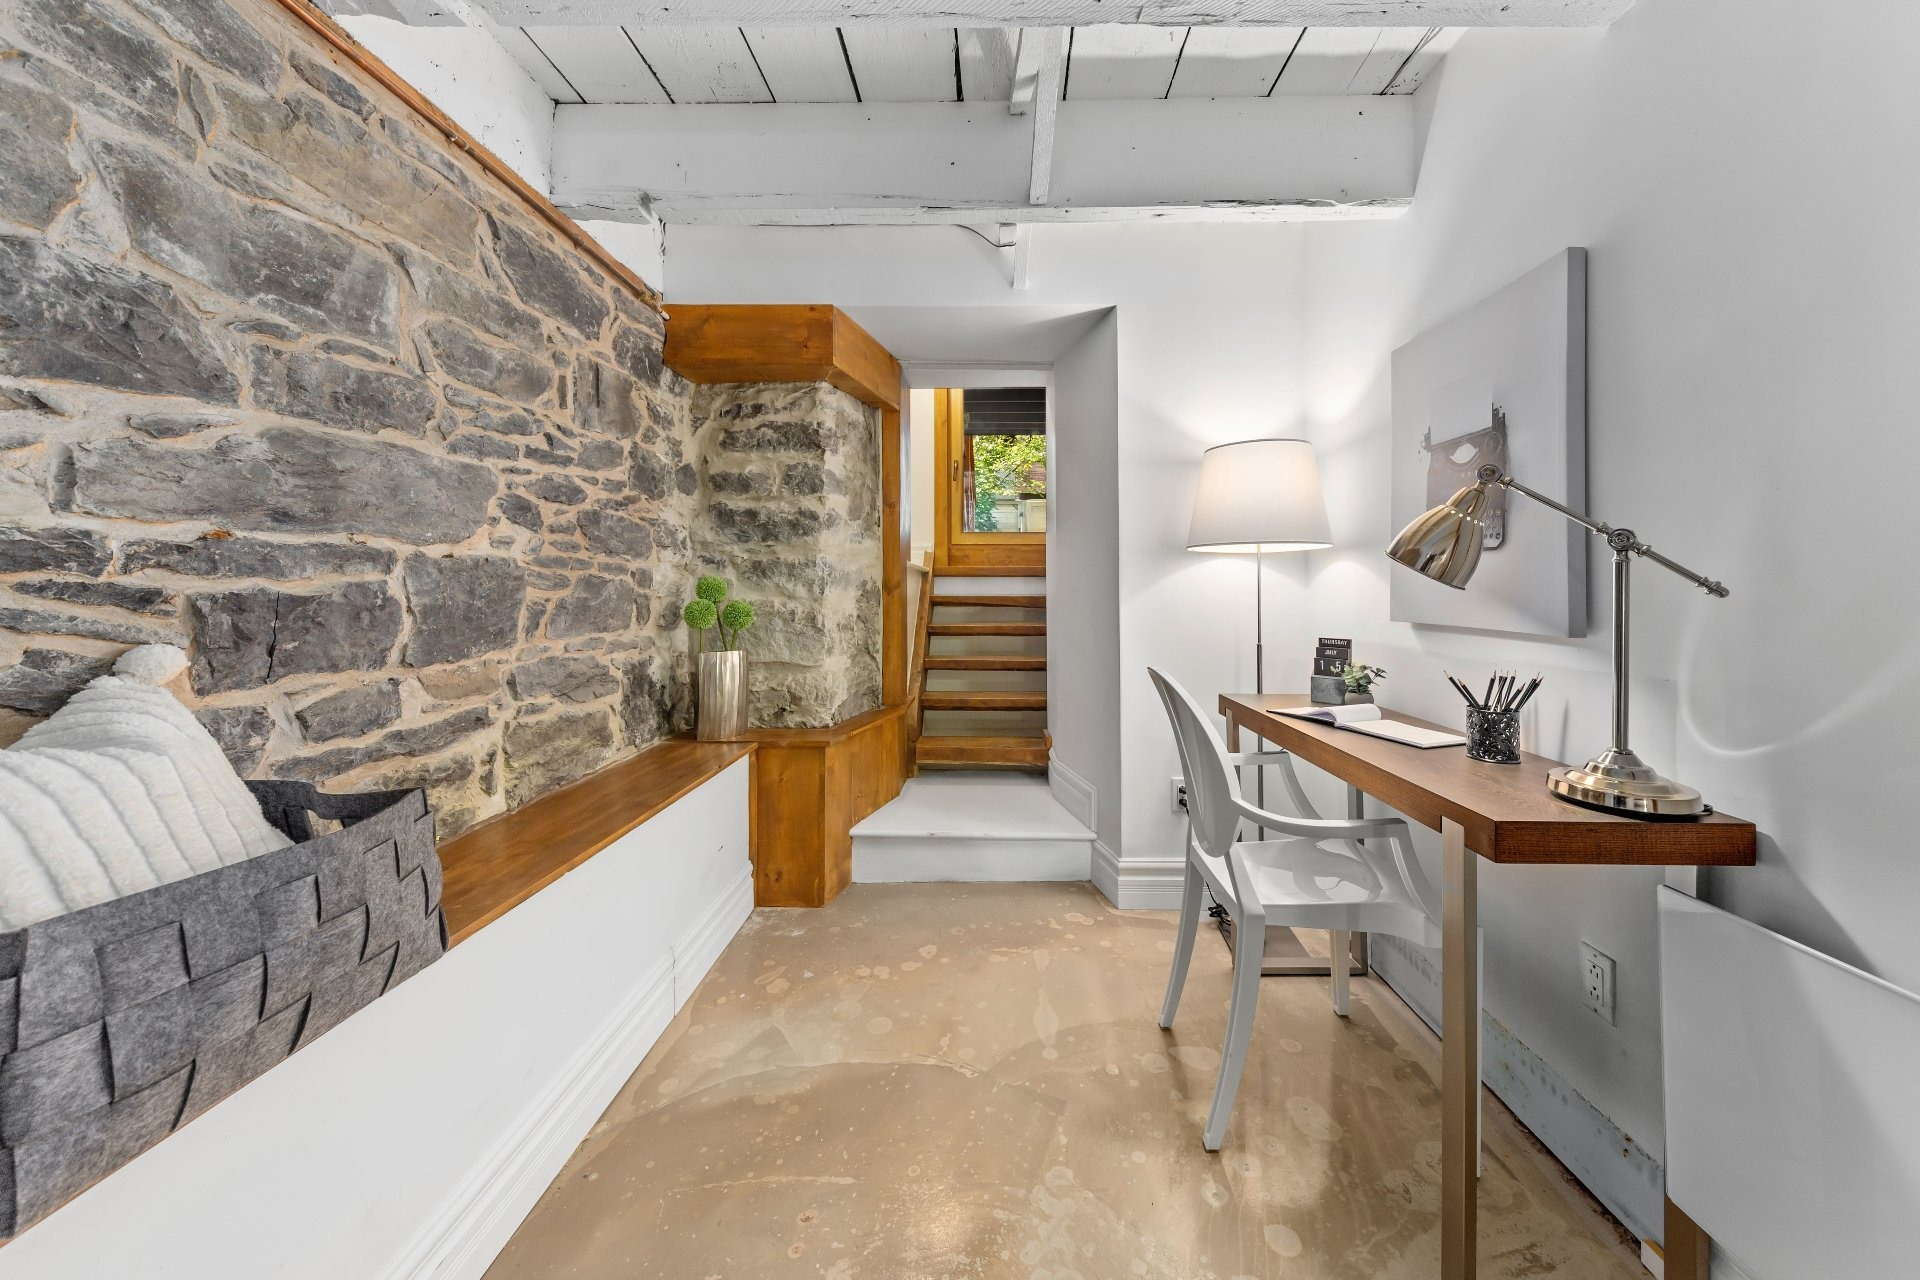 image 22 - Duplex À vendre Le Plateau-Mont-Royal Montréal  - 5 pièces